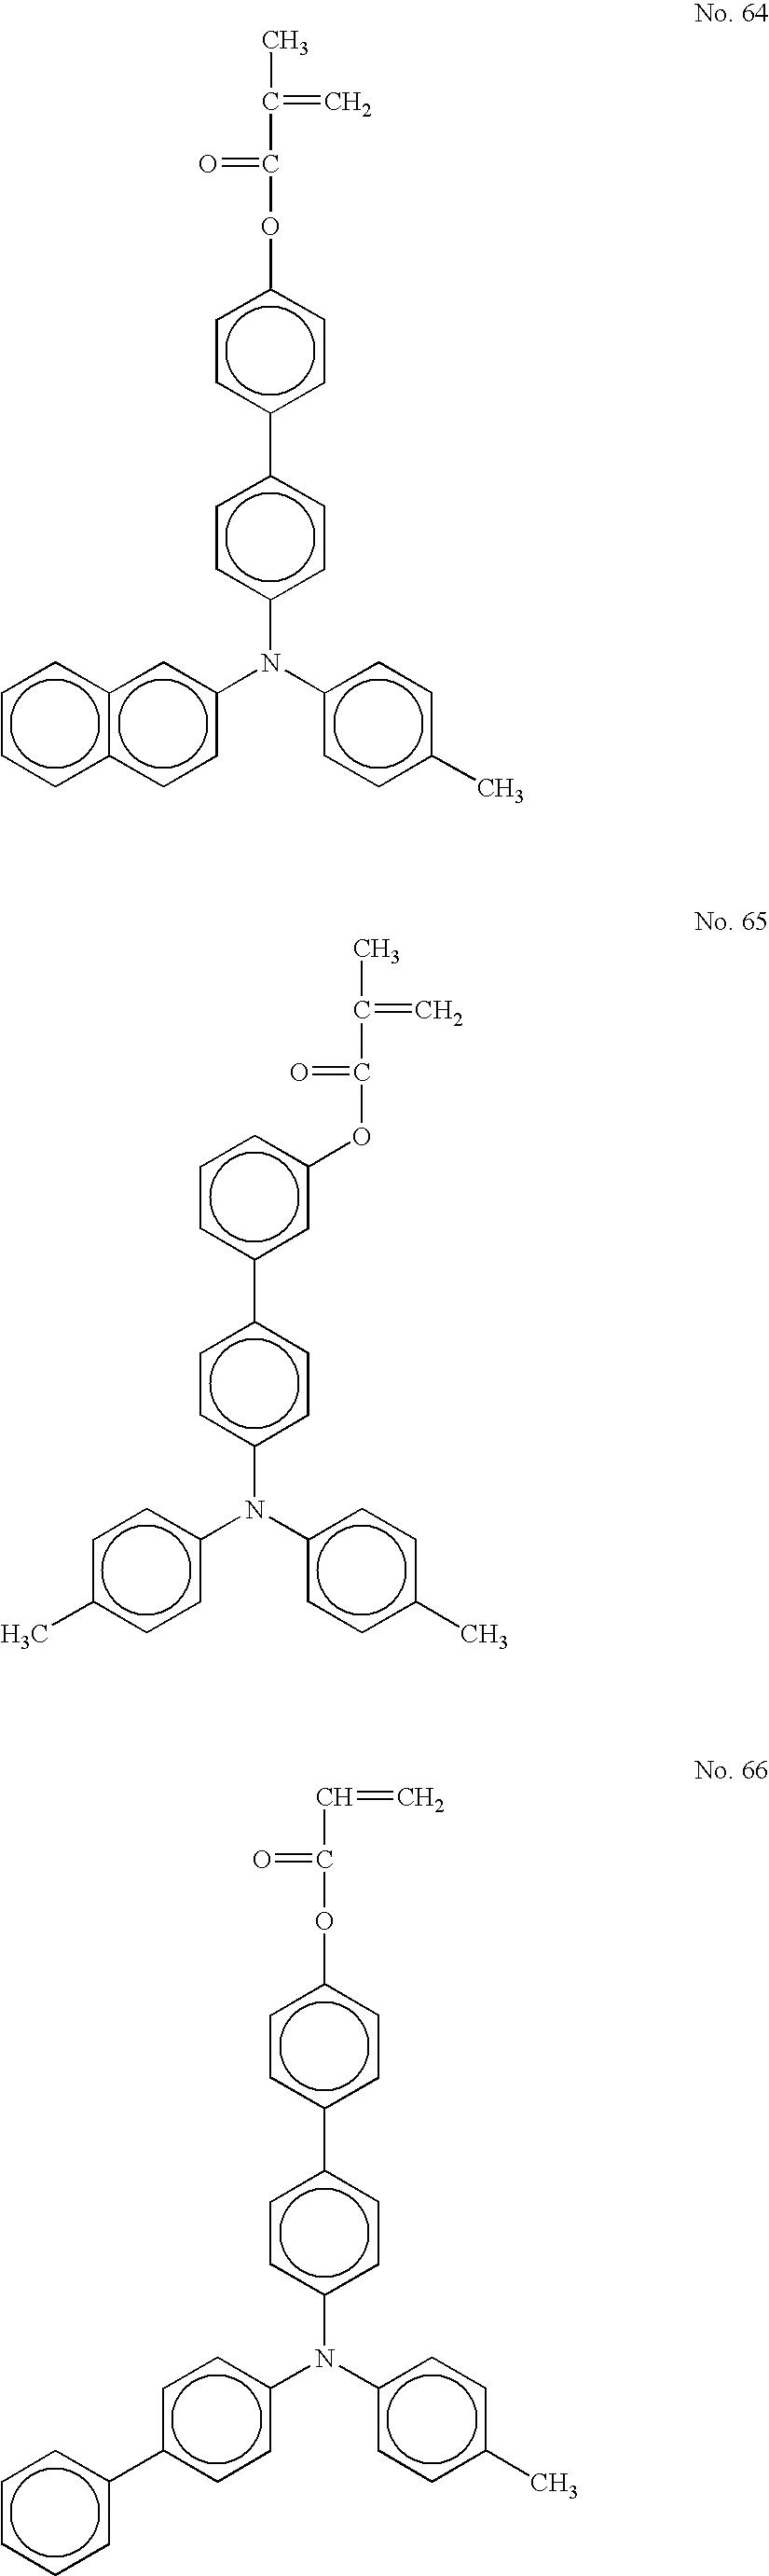 Figure US20040253527A1-20041216-C00033